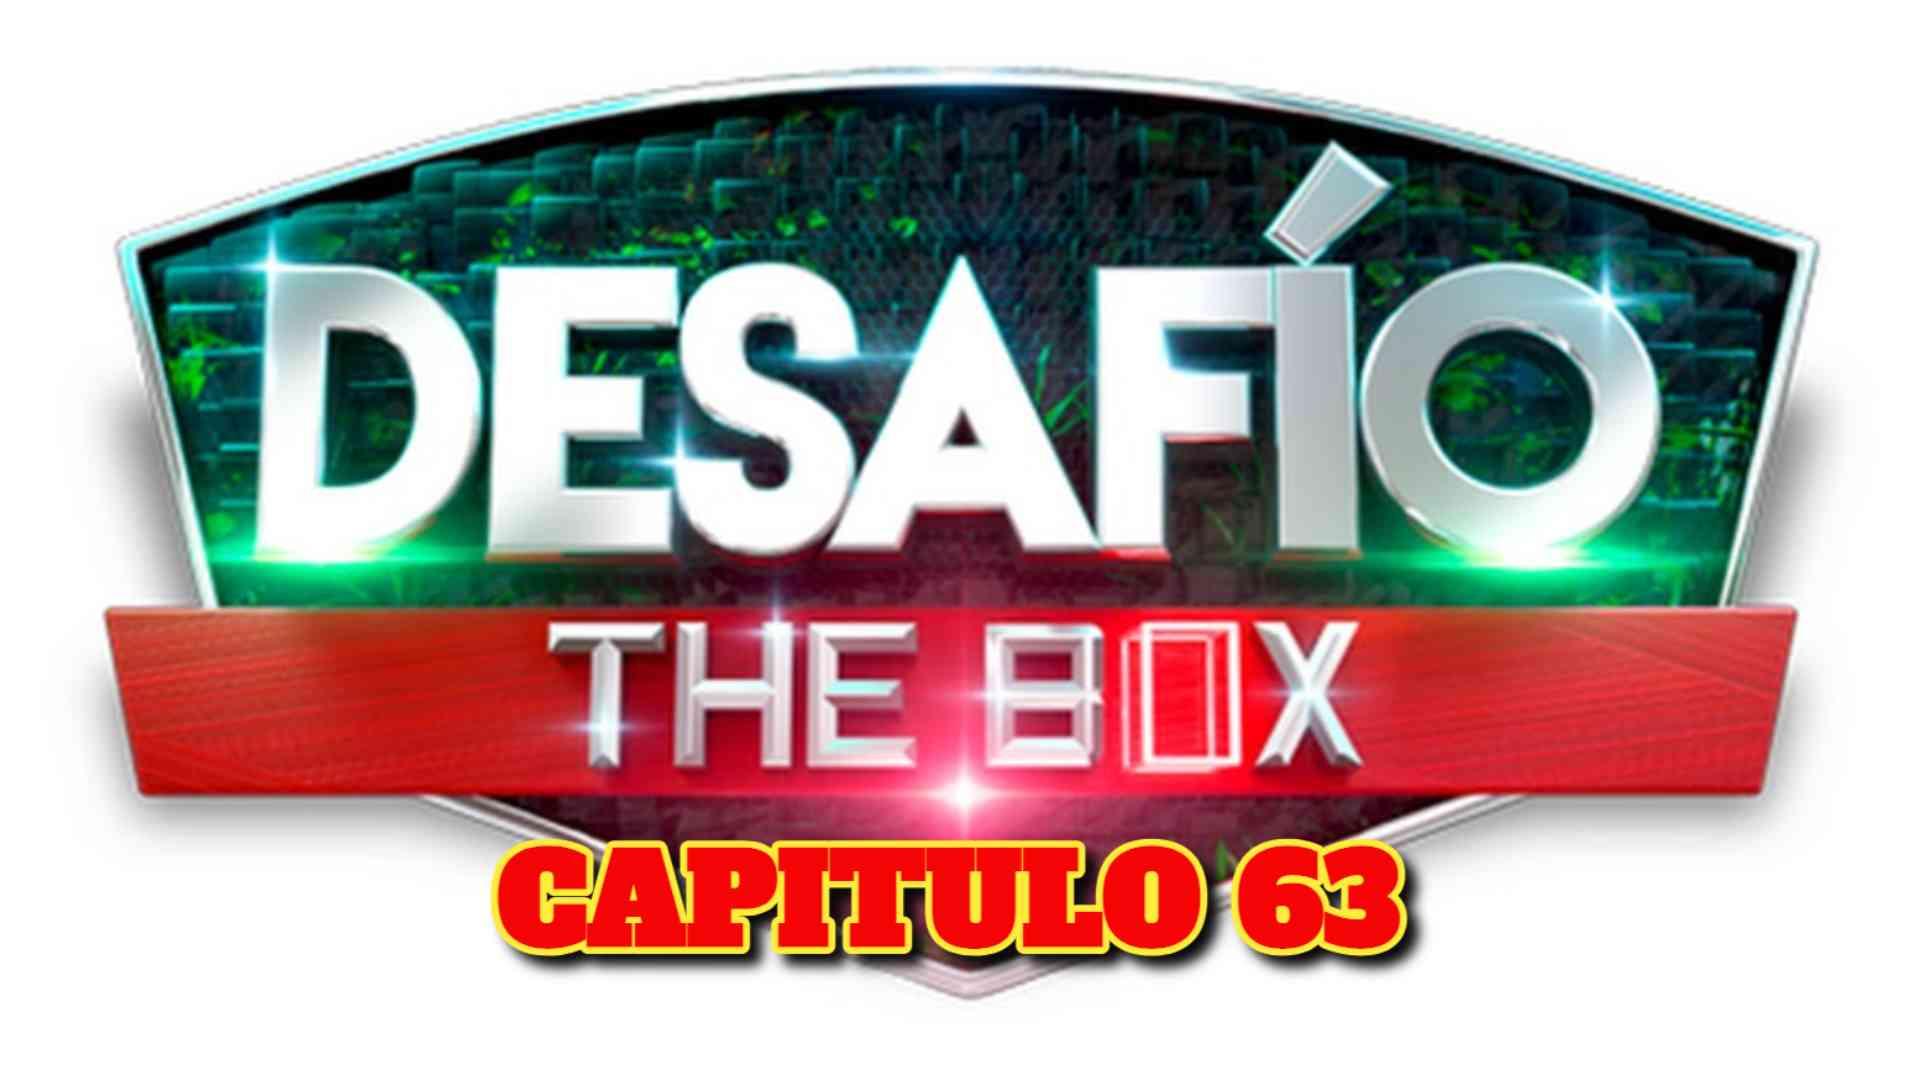 Desafio The Box 2021 CAPITULO 63